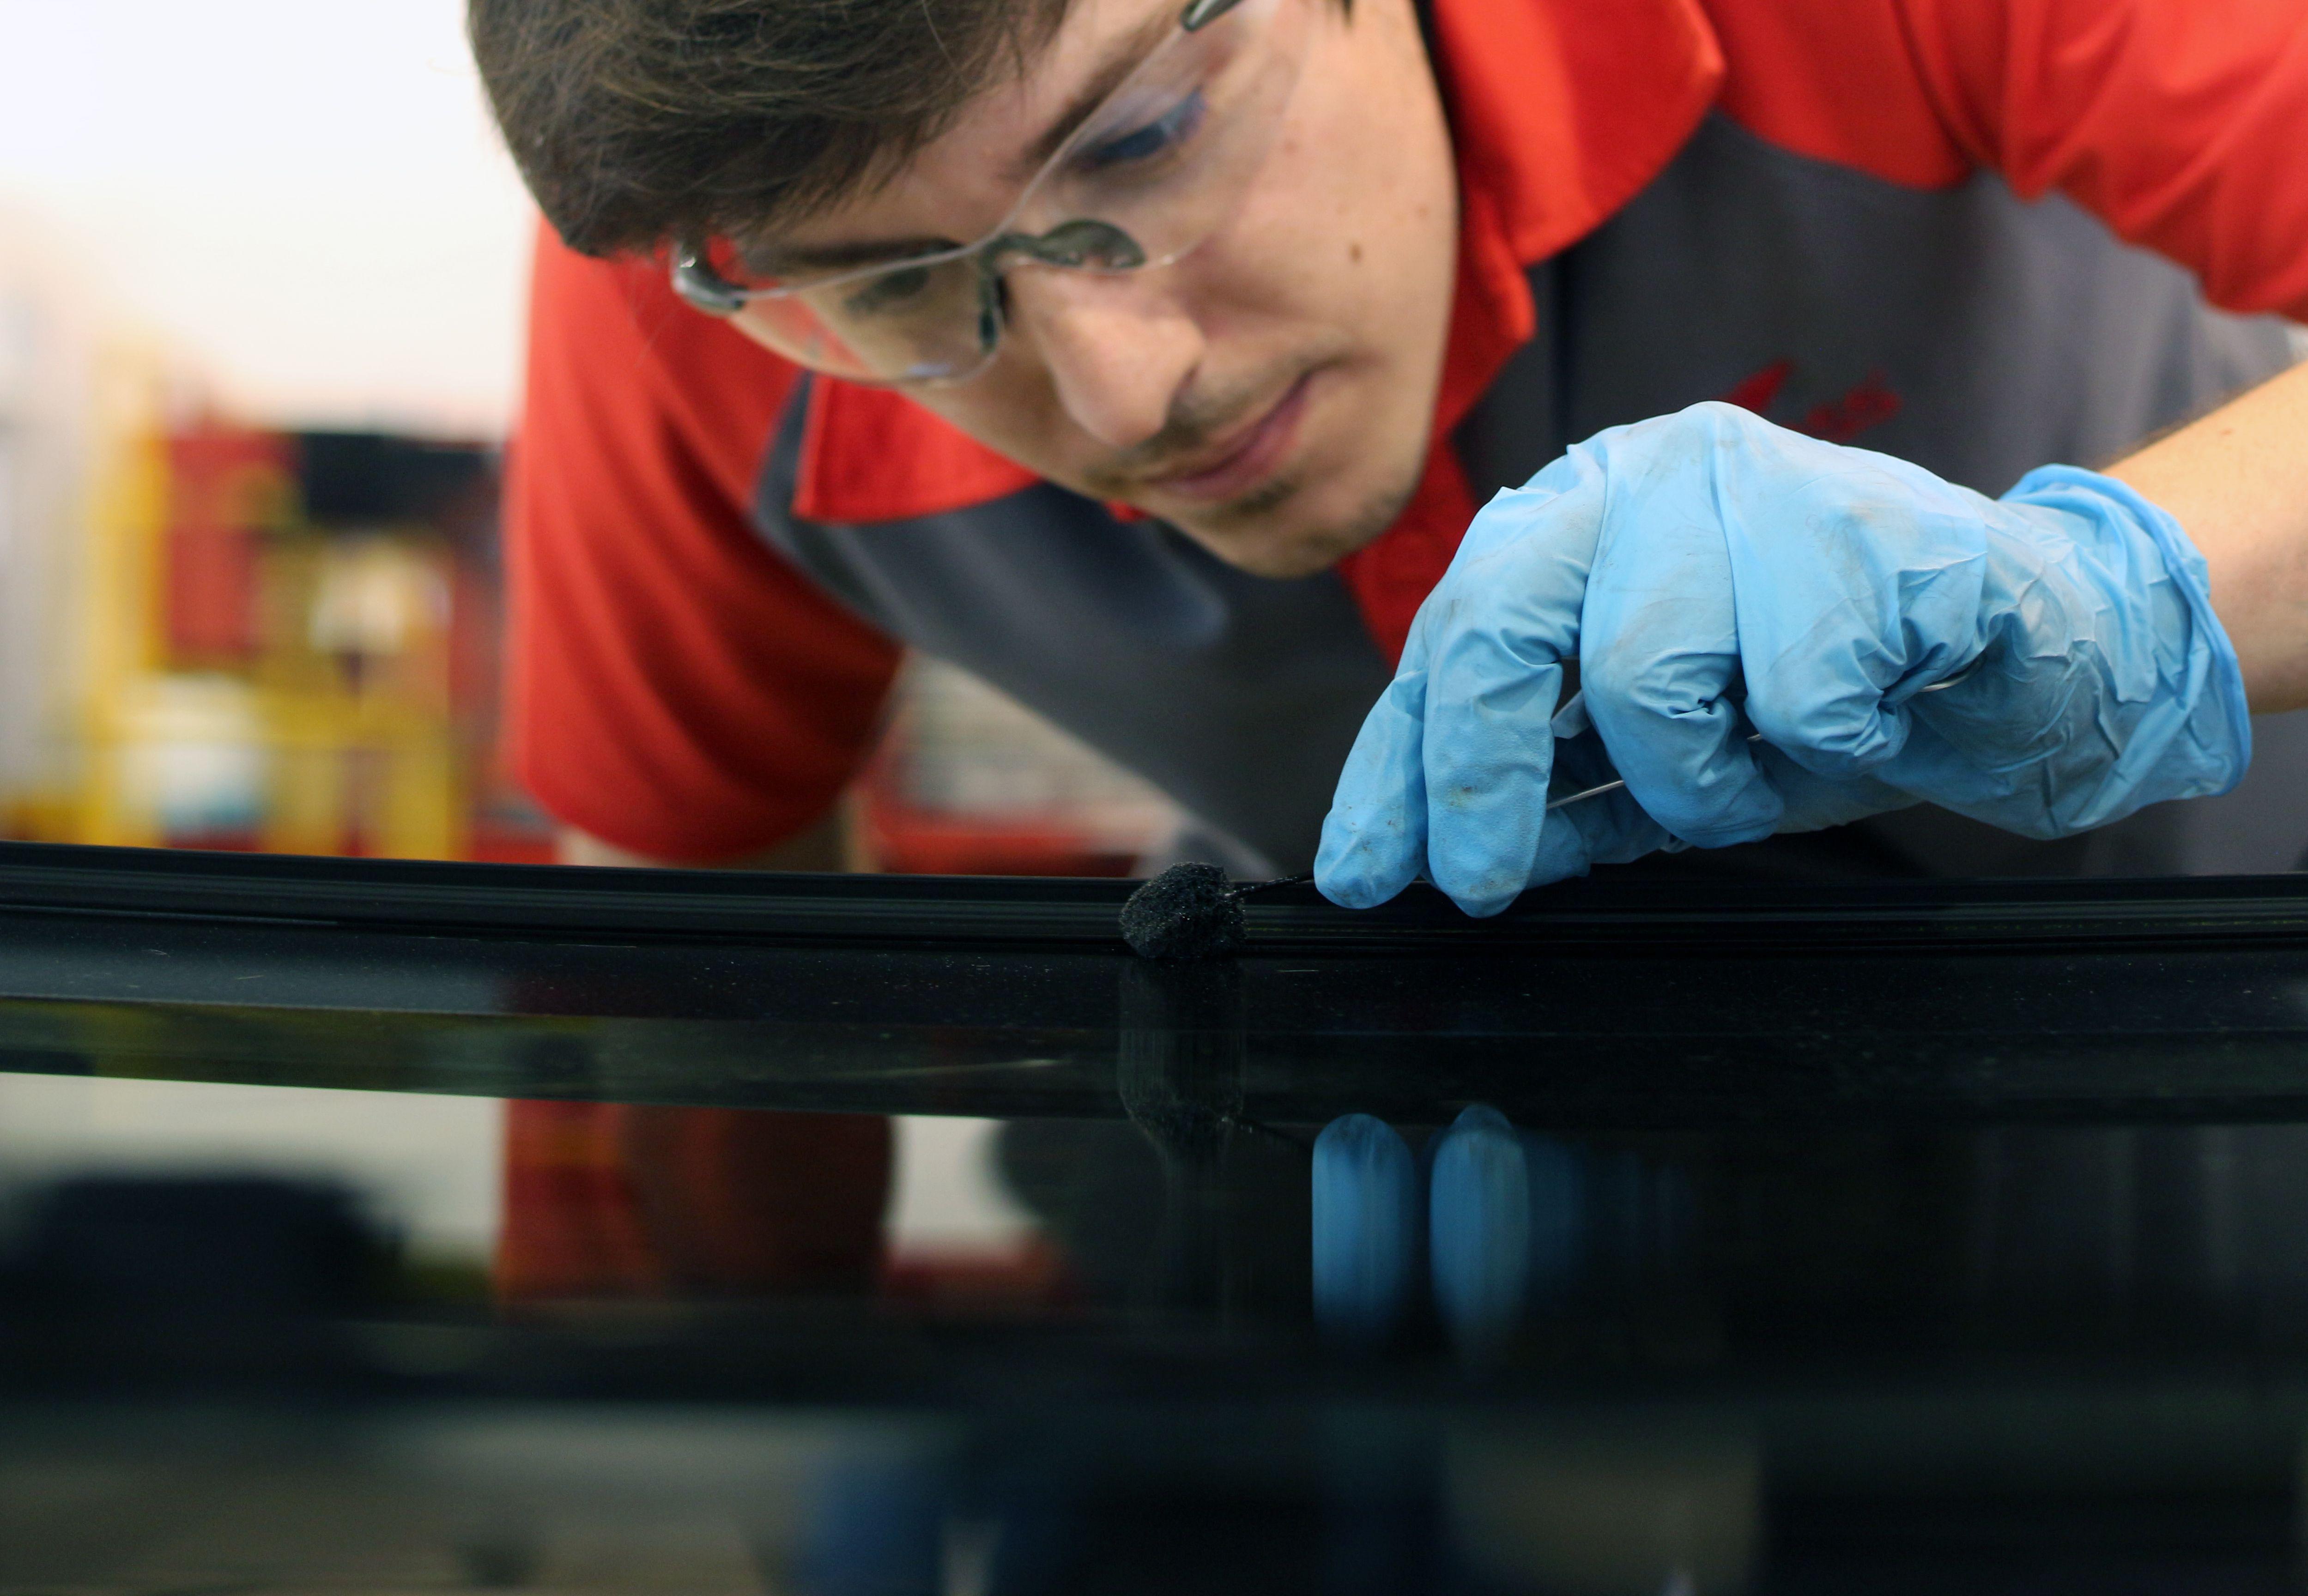 Trabaja con nosotros carglass for Ofertas de trabajo en gava